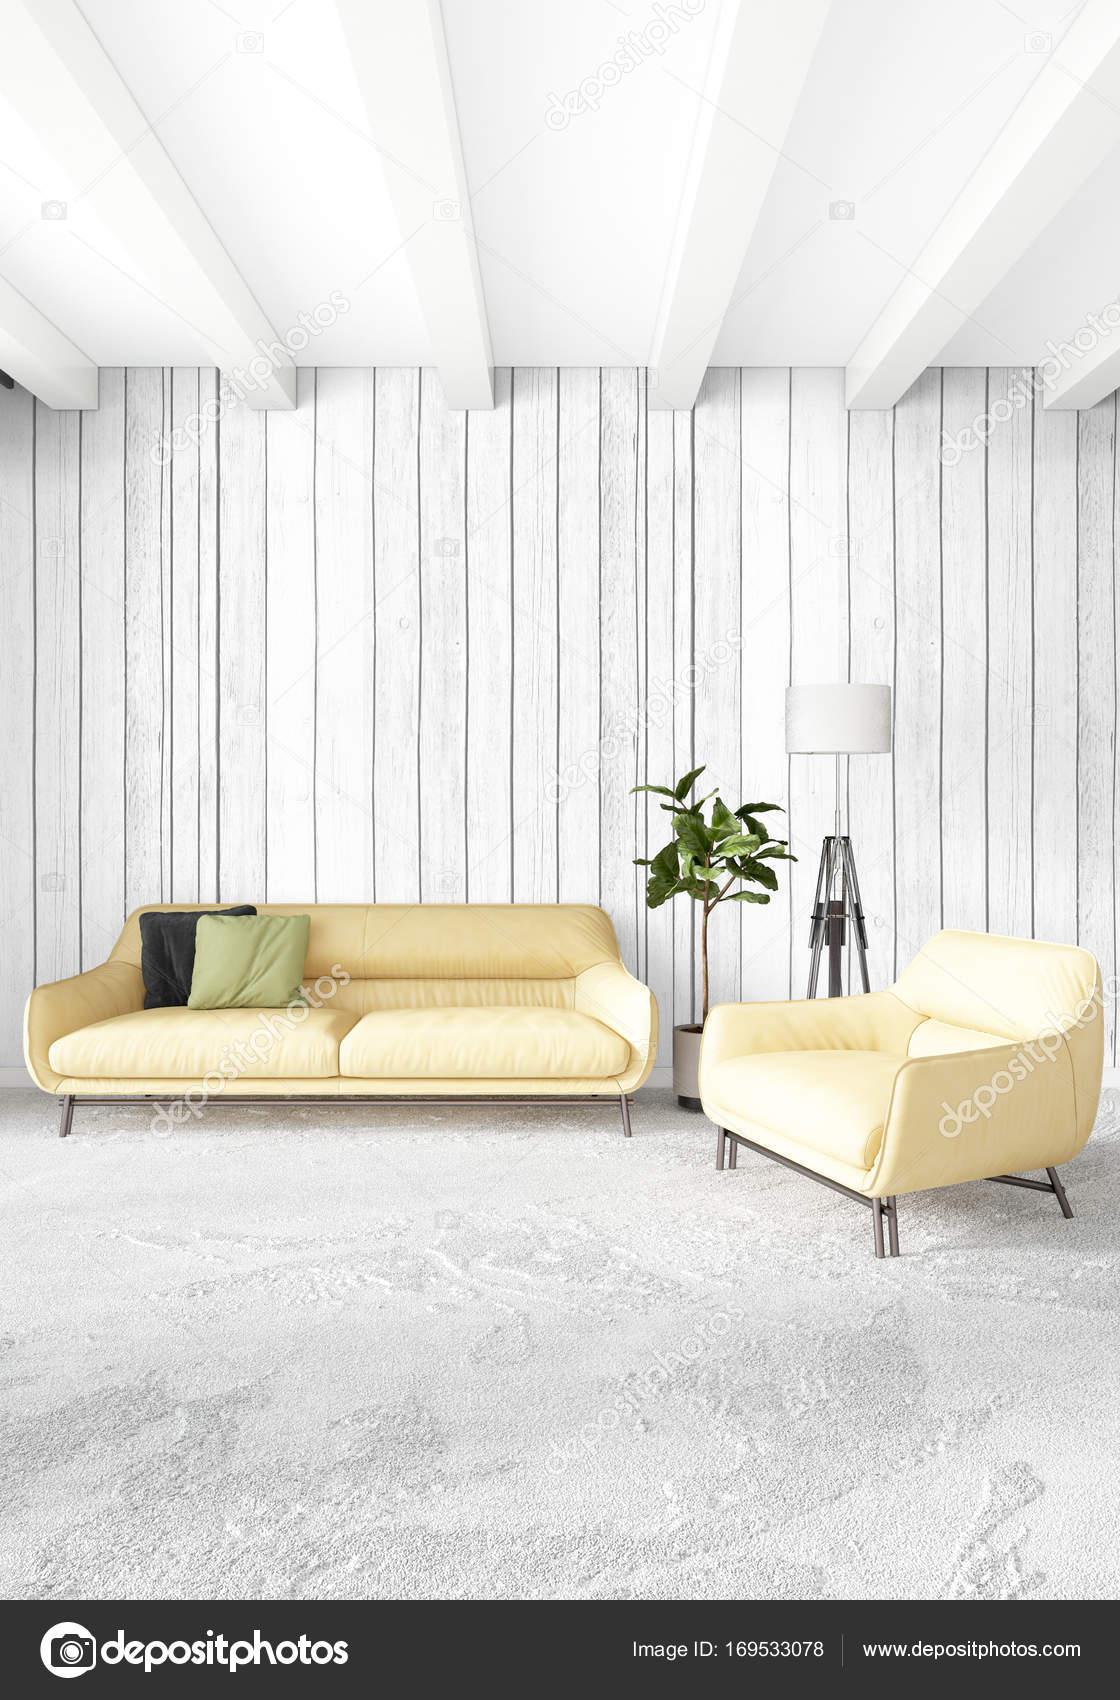 Gelbe Loft Schlafzimmer Oder Wohnzimmer Im Modernen Stil Raumgestaltung Mit  Verströmt Wand Und Stilvollen Möbeln. 3D Rendering U2014 Foto Von Elsar77